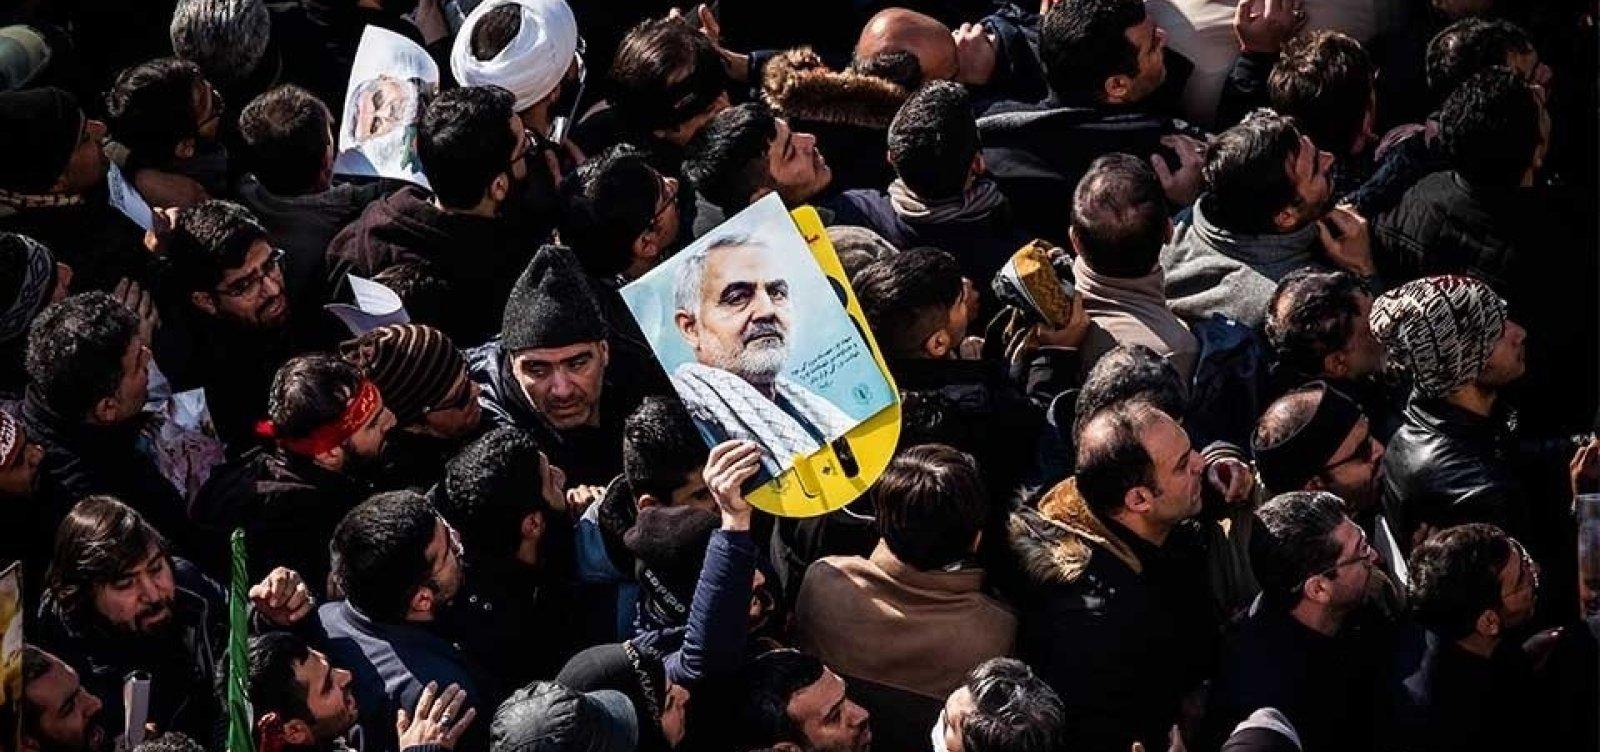 [Ao menos 32 pessoas morreram e 190 ficaram feridas durante tumulto no funeral de Qassem Soleimani]